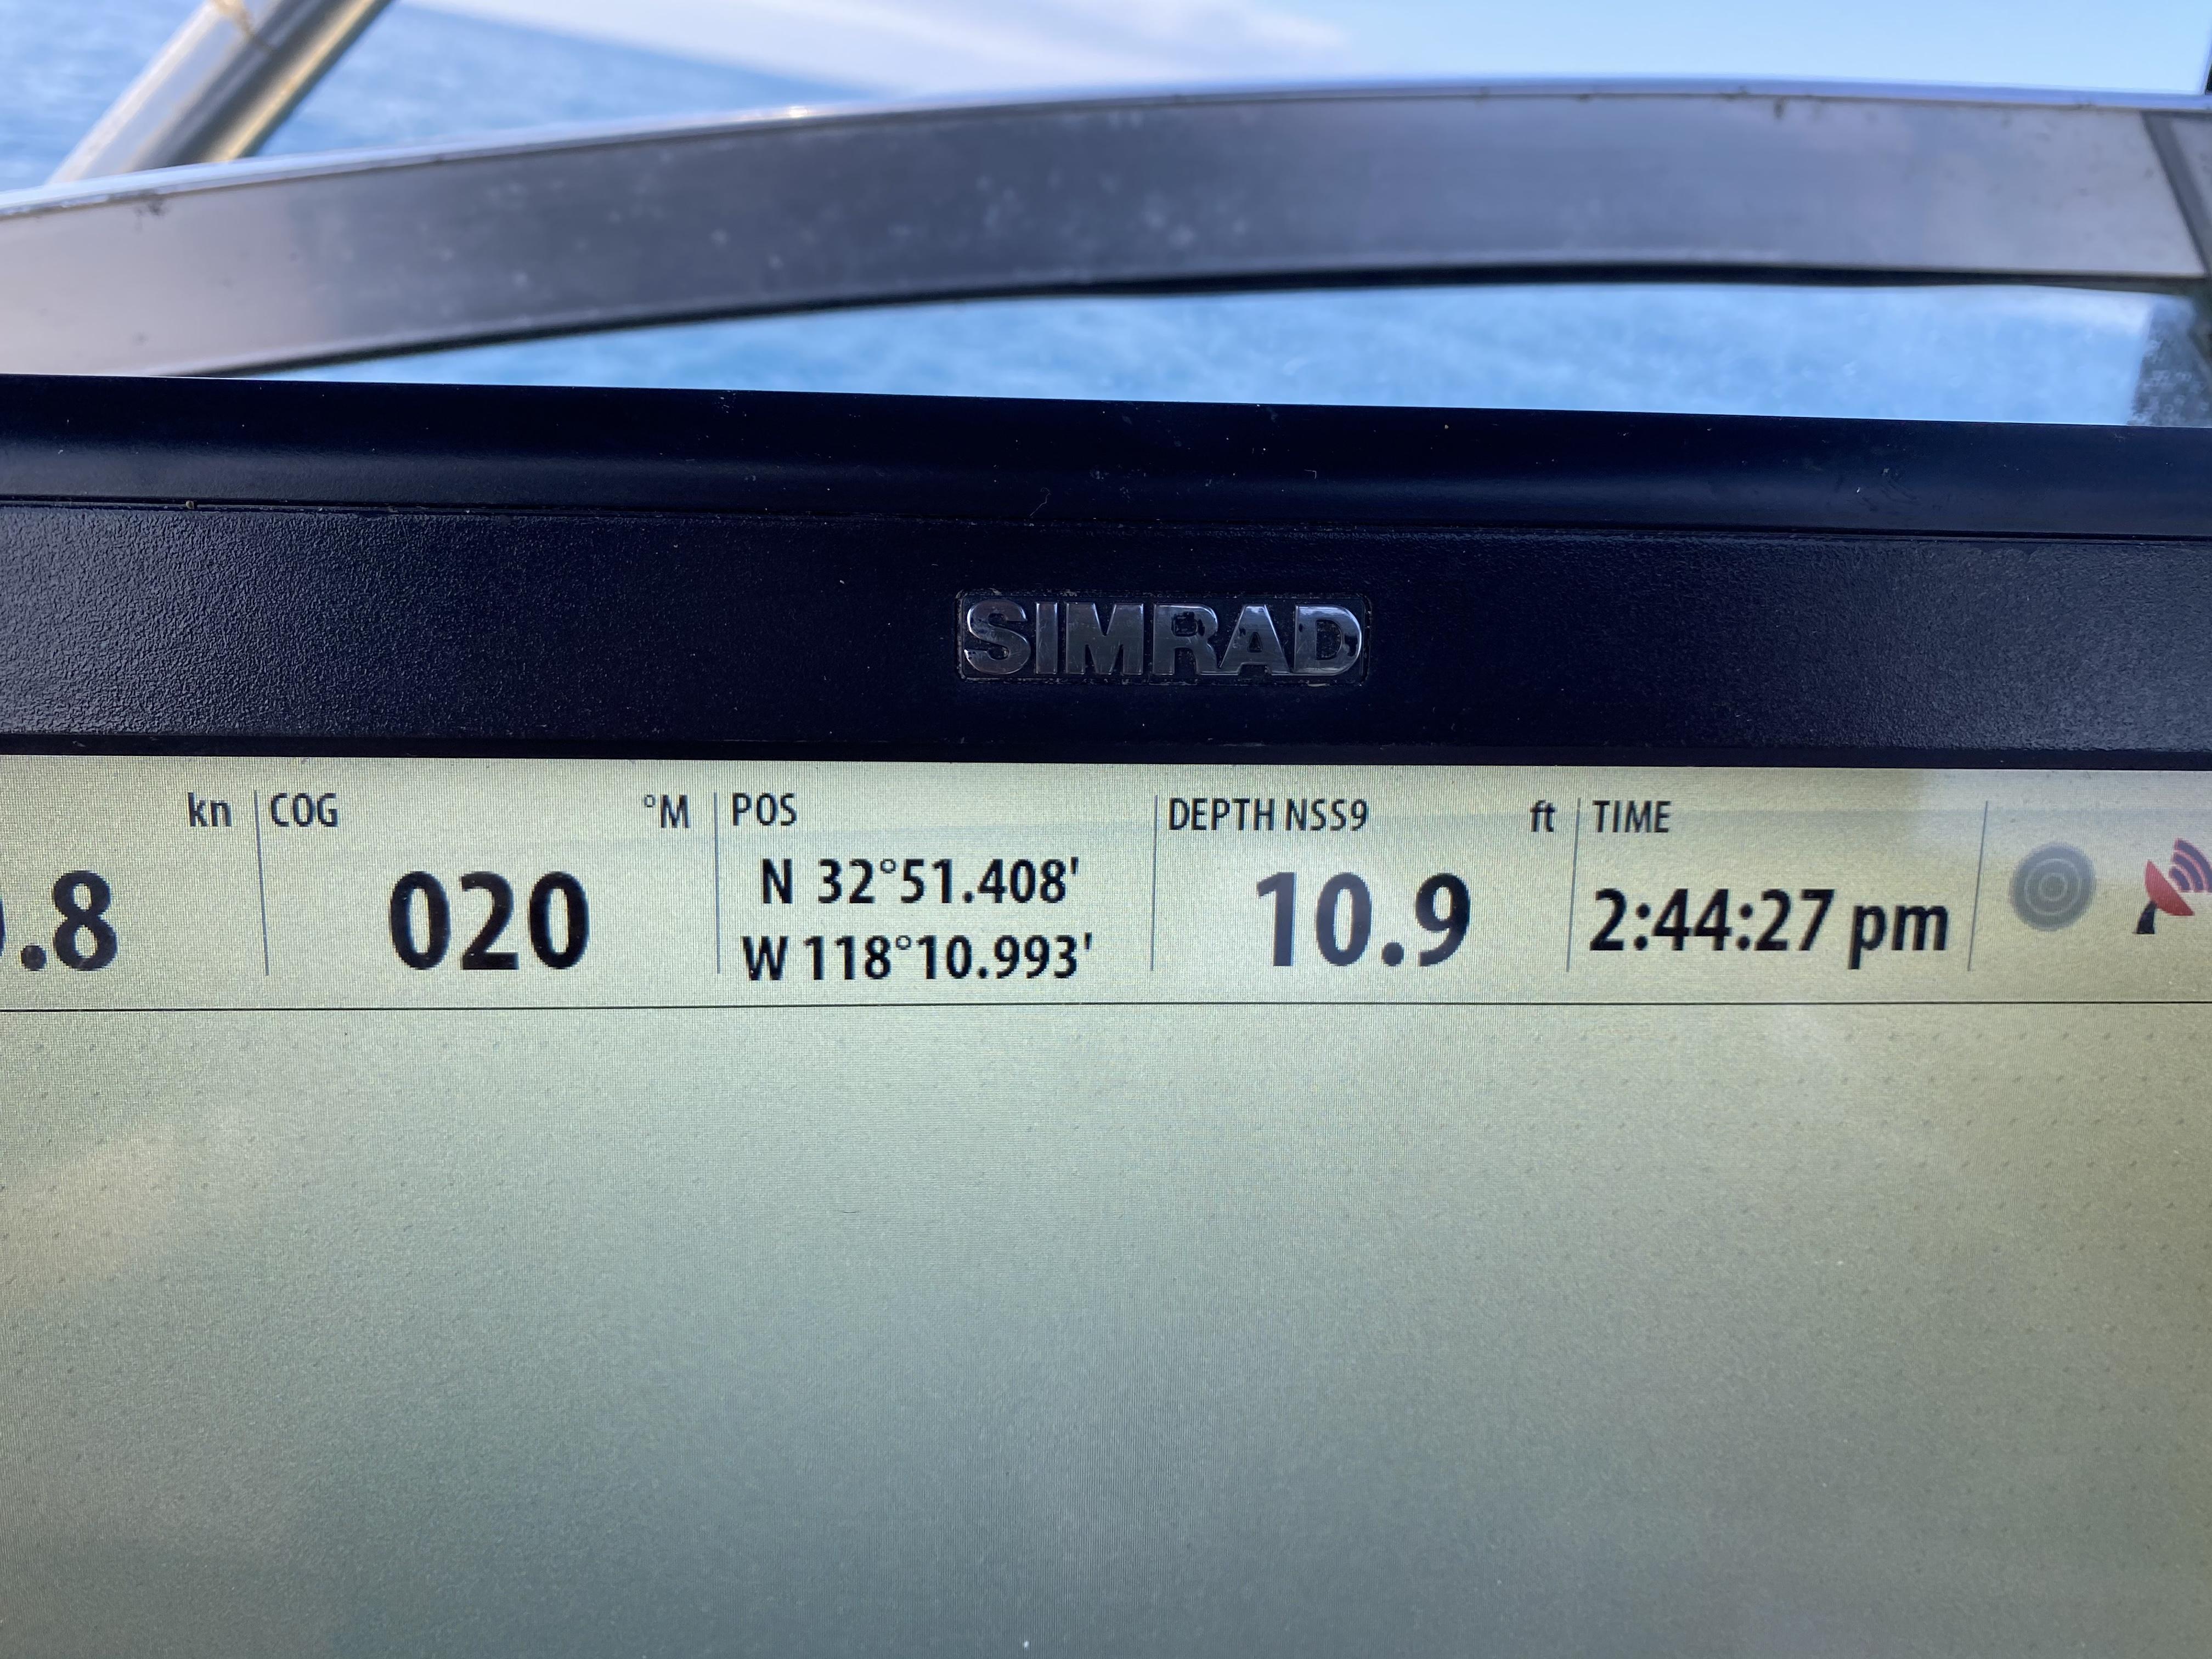 4D39BBC0-441A-4F85-8F85-E945EB63DD0F.jpeg